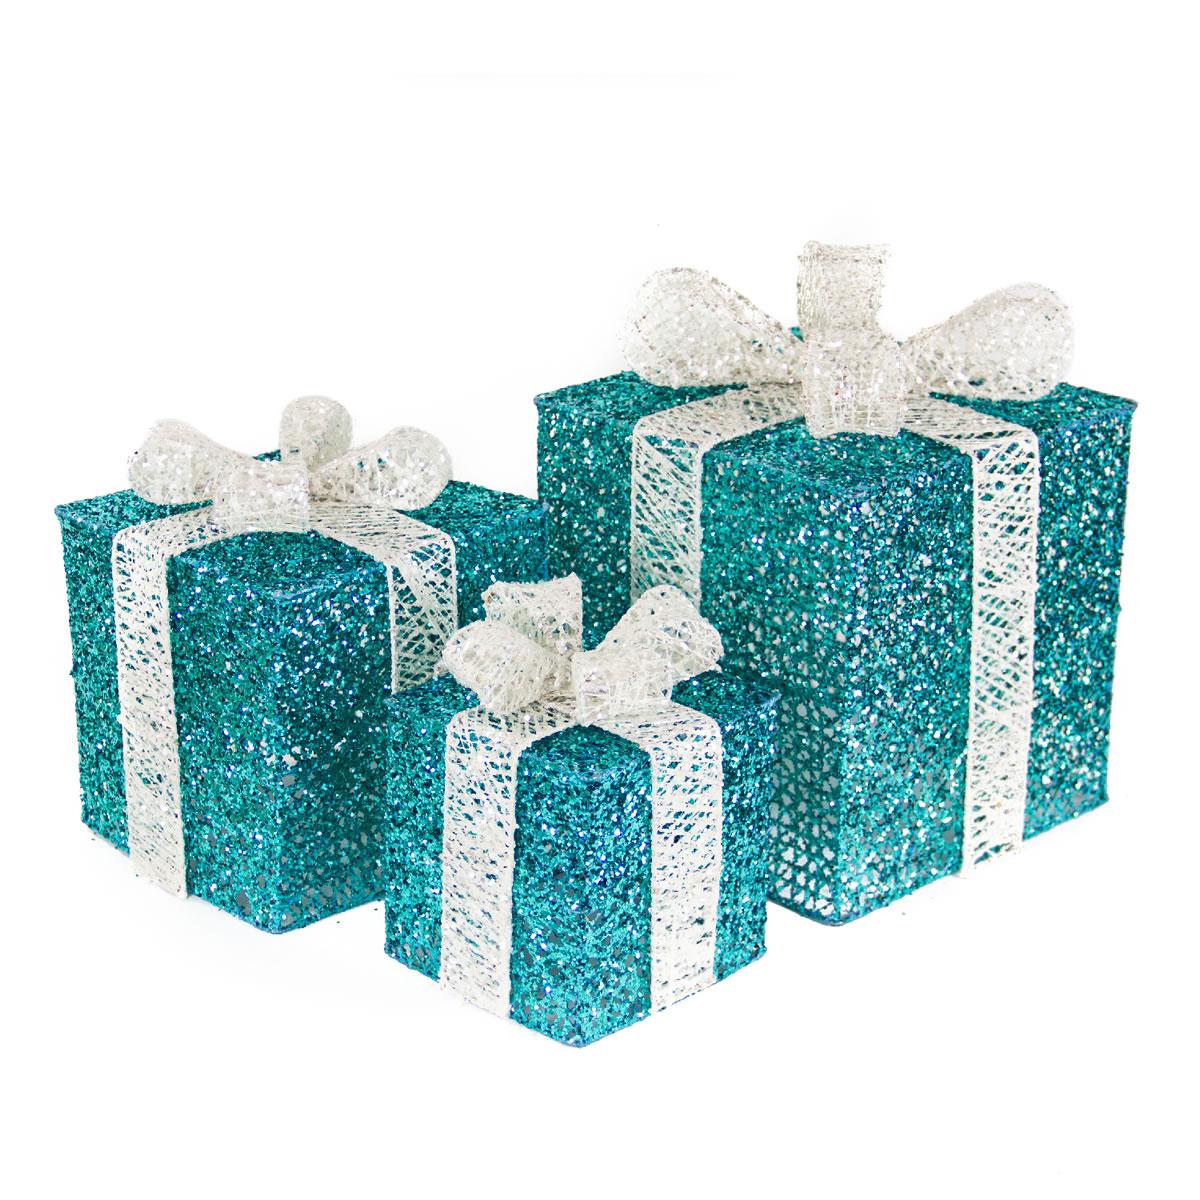 Turquoise Spun Gift Box S/3